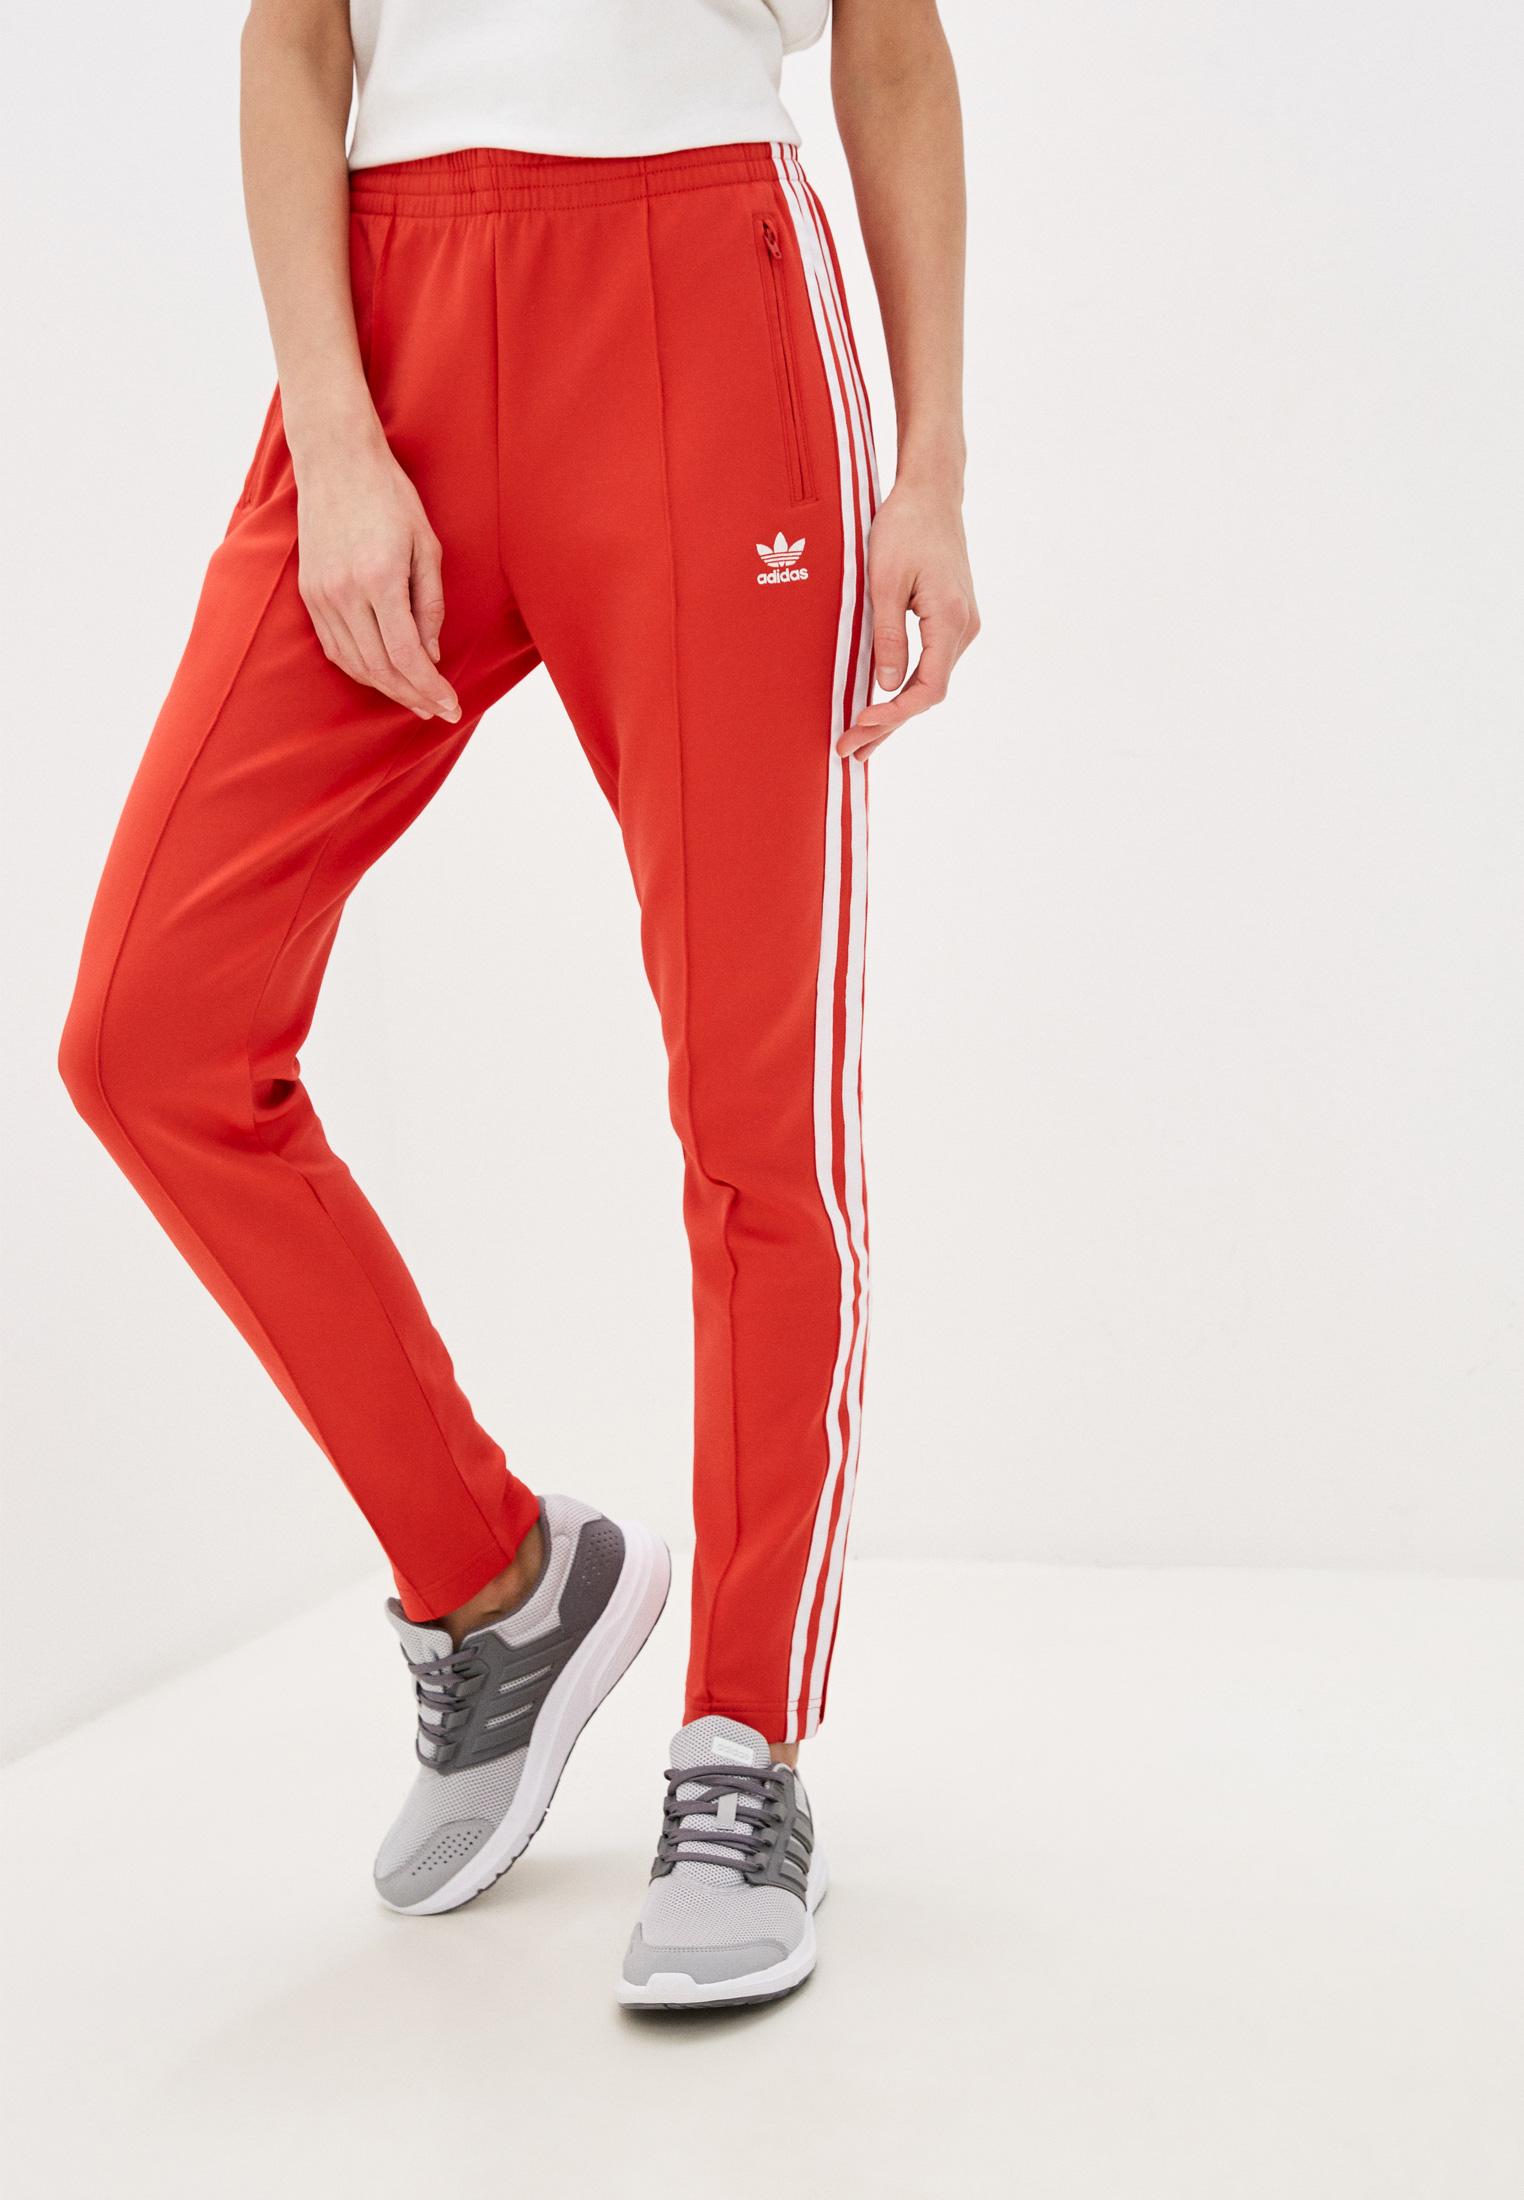 Брюки спортивные adidas Originals  купить за 4 240 ₽ в интернет-магазине Lamoda.ru